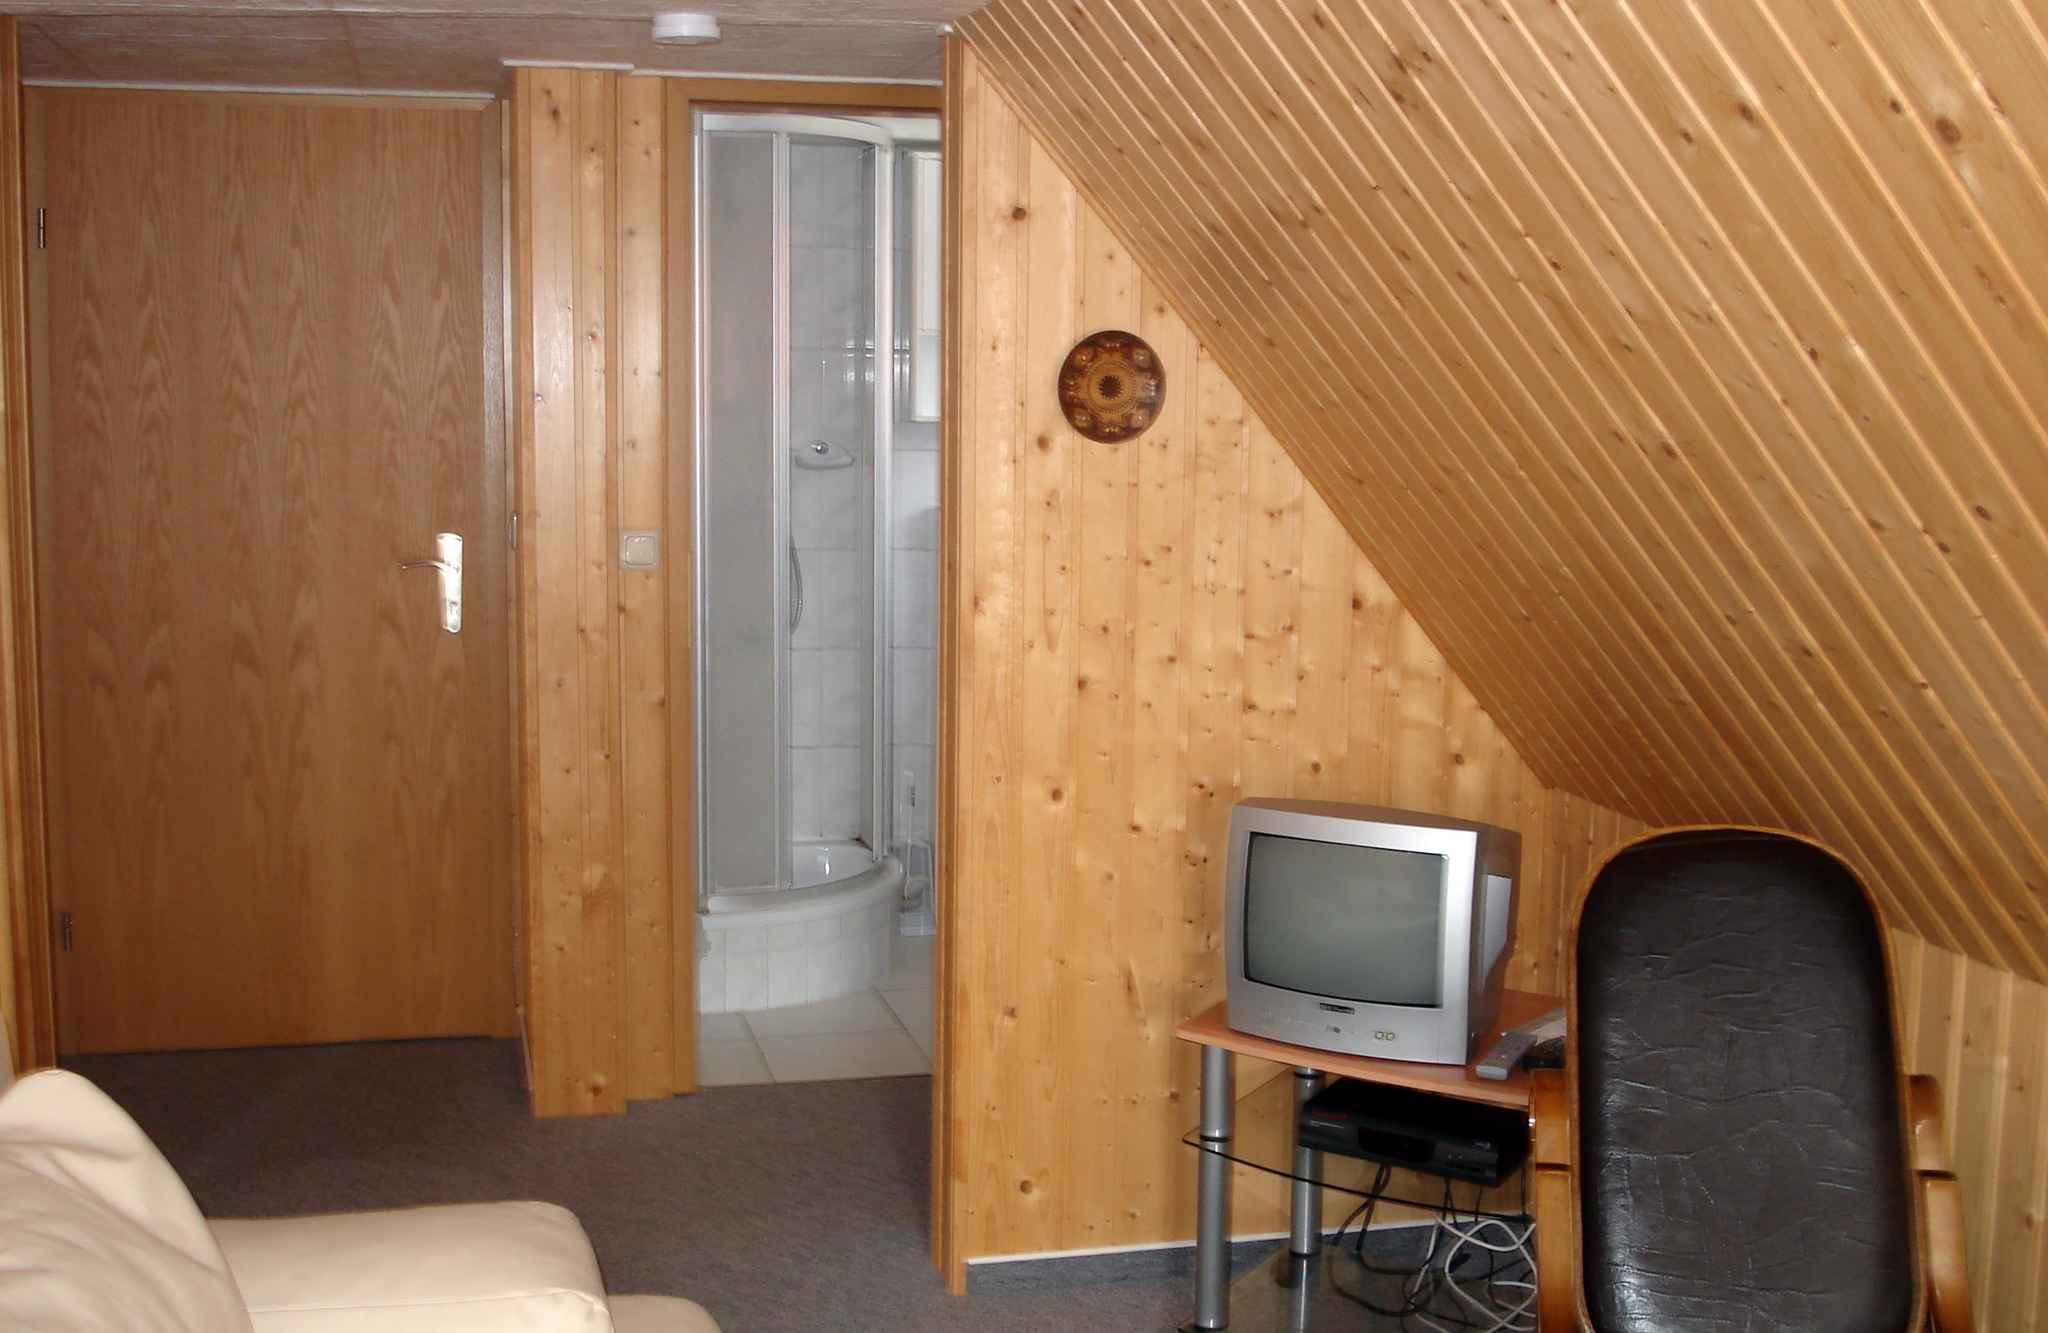 Holiday apartment unter Schilfdach, nur 100 m zum Ostseestrand (315119), Neuendorf, Hiddensee, Mecklenburg-Western Pomerania, Germany, picture 6